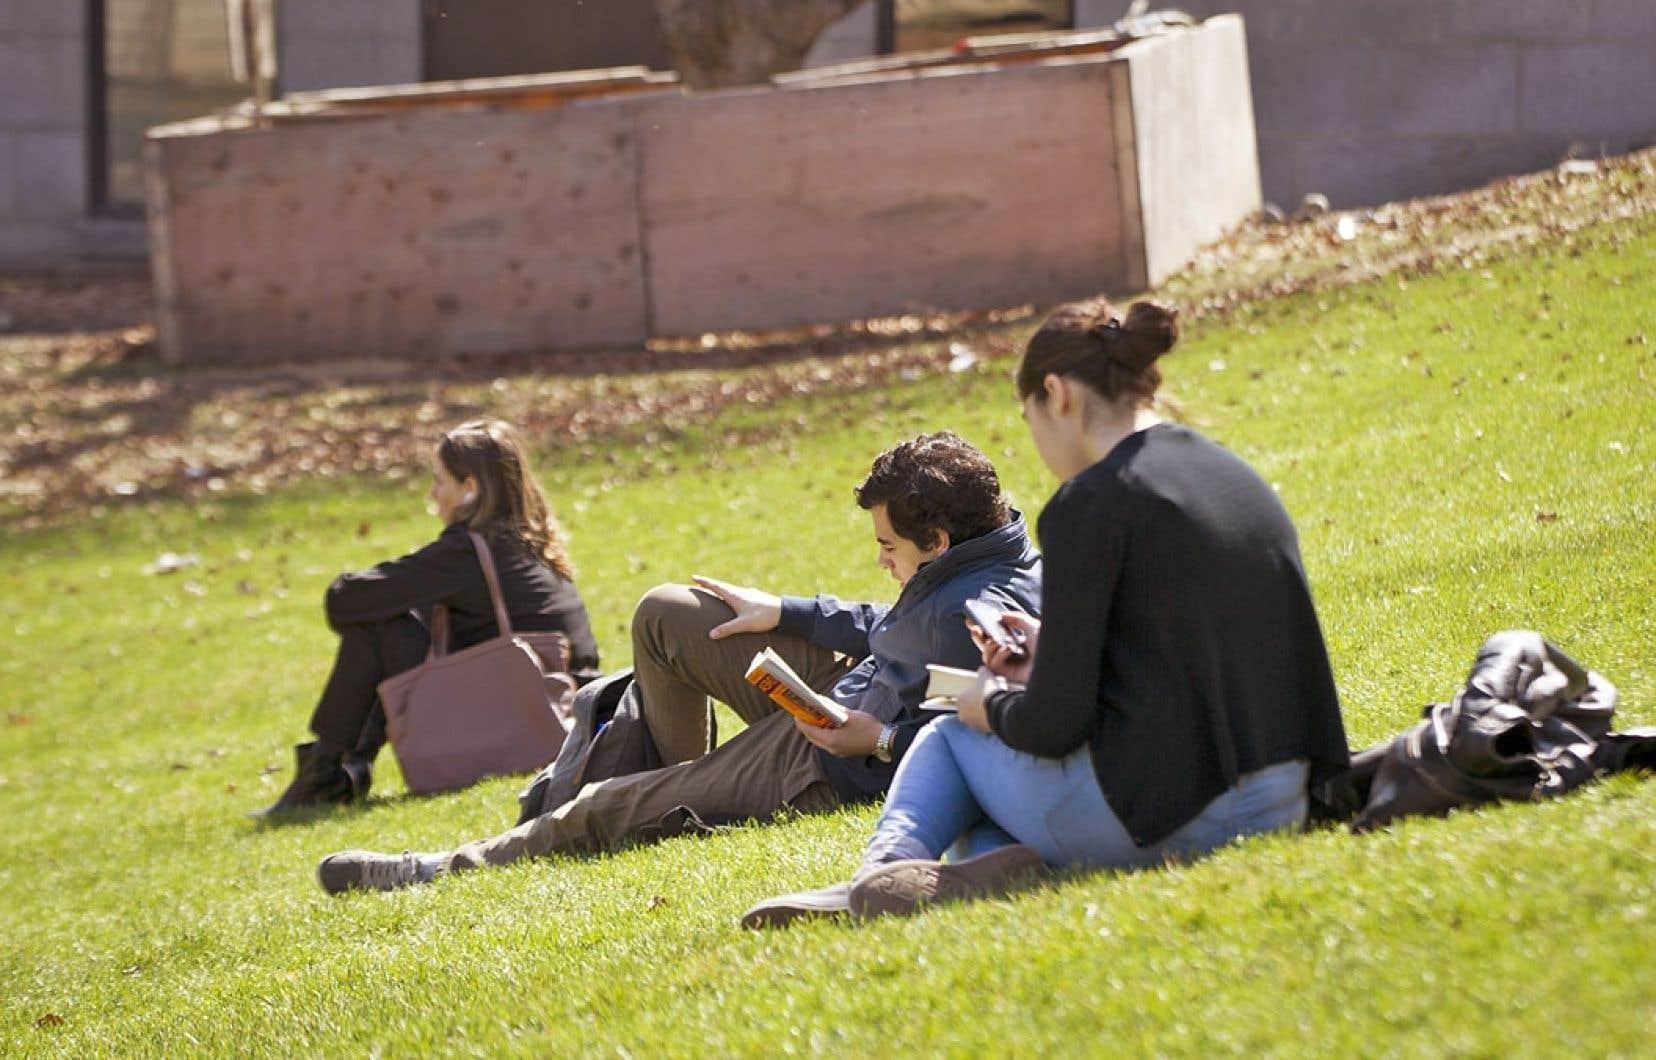 Les étudiants qui ne peuvent se permettre de travailler gratuitement perdent des occasions de réseautage, déplore Yolen Bollo-Kamara, présidente de l'Association étudiante de l'Université de Toronto.